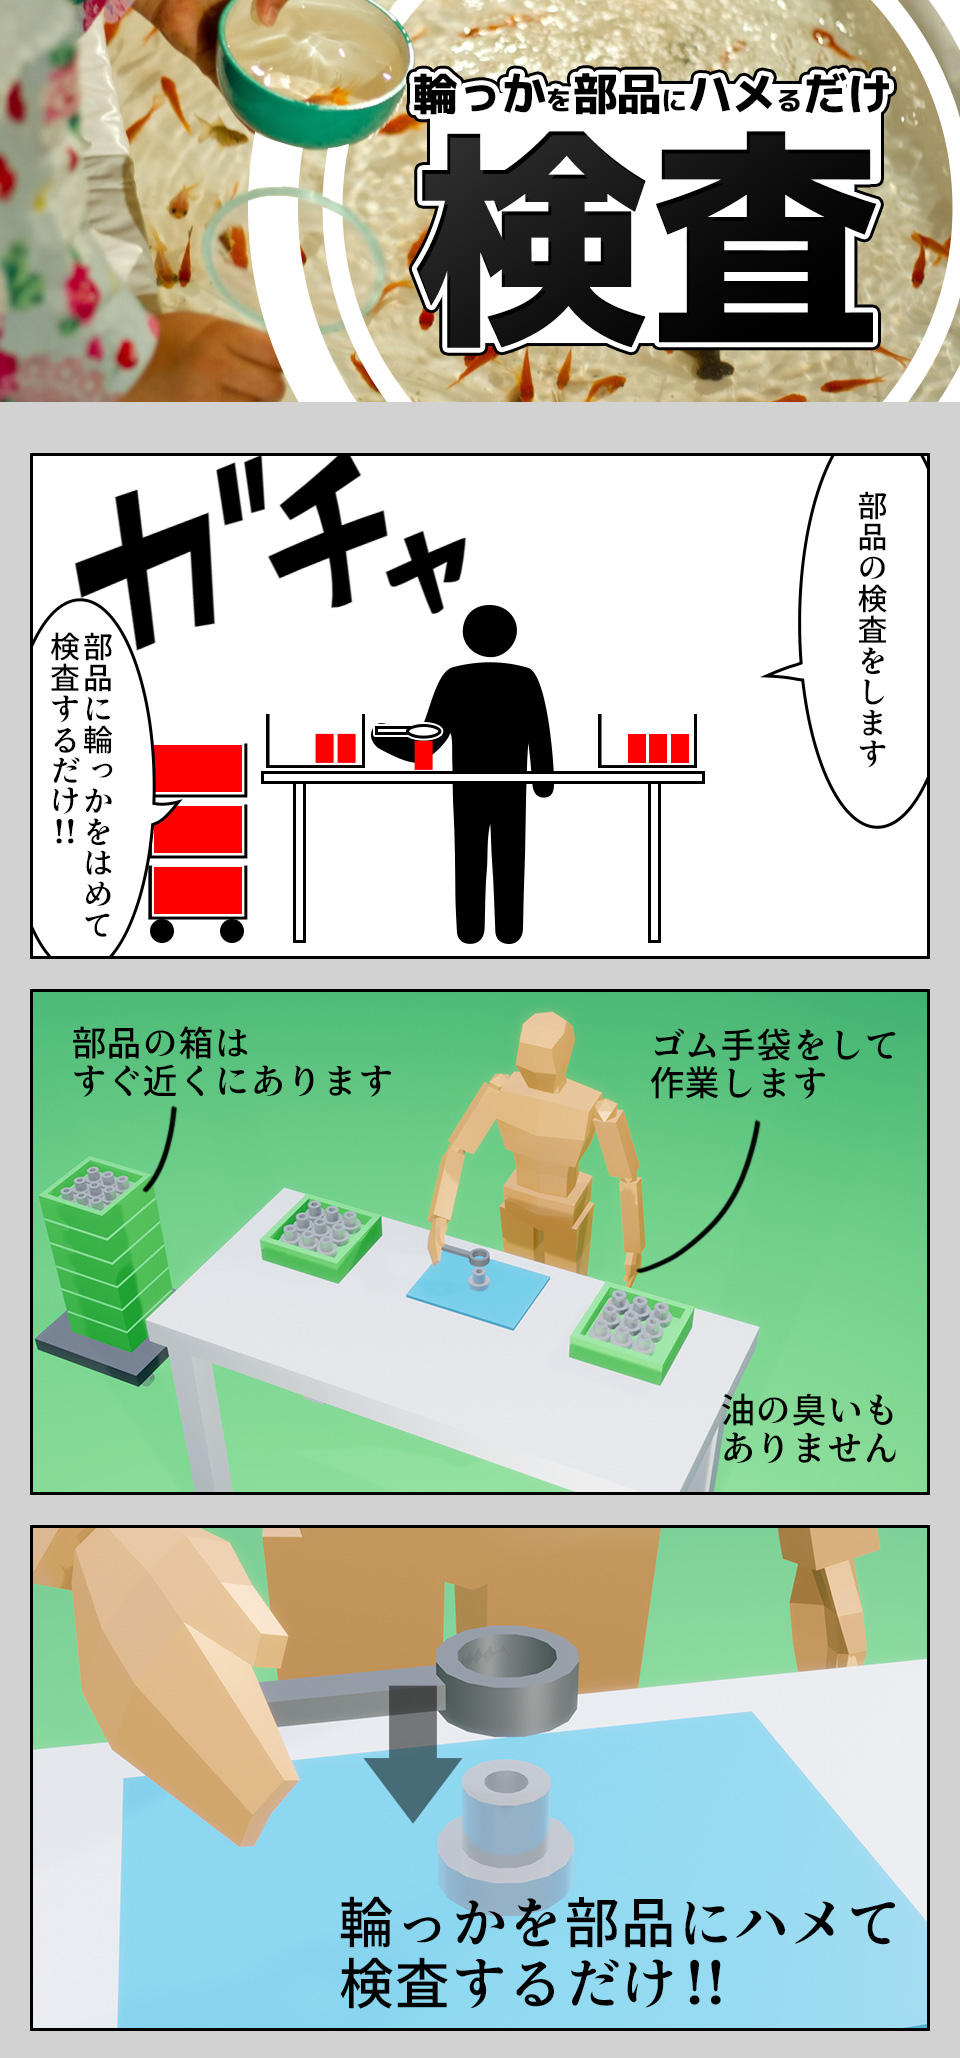 部品の検査 愛知県豊川市の派遣社員求人